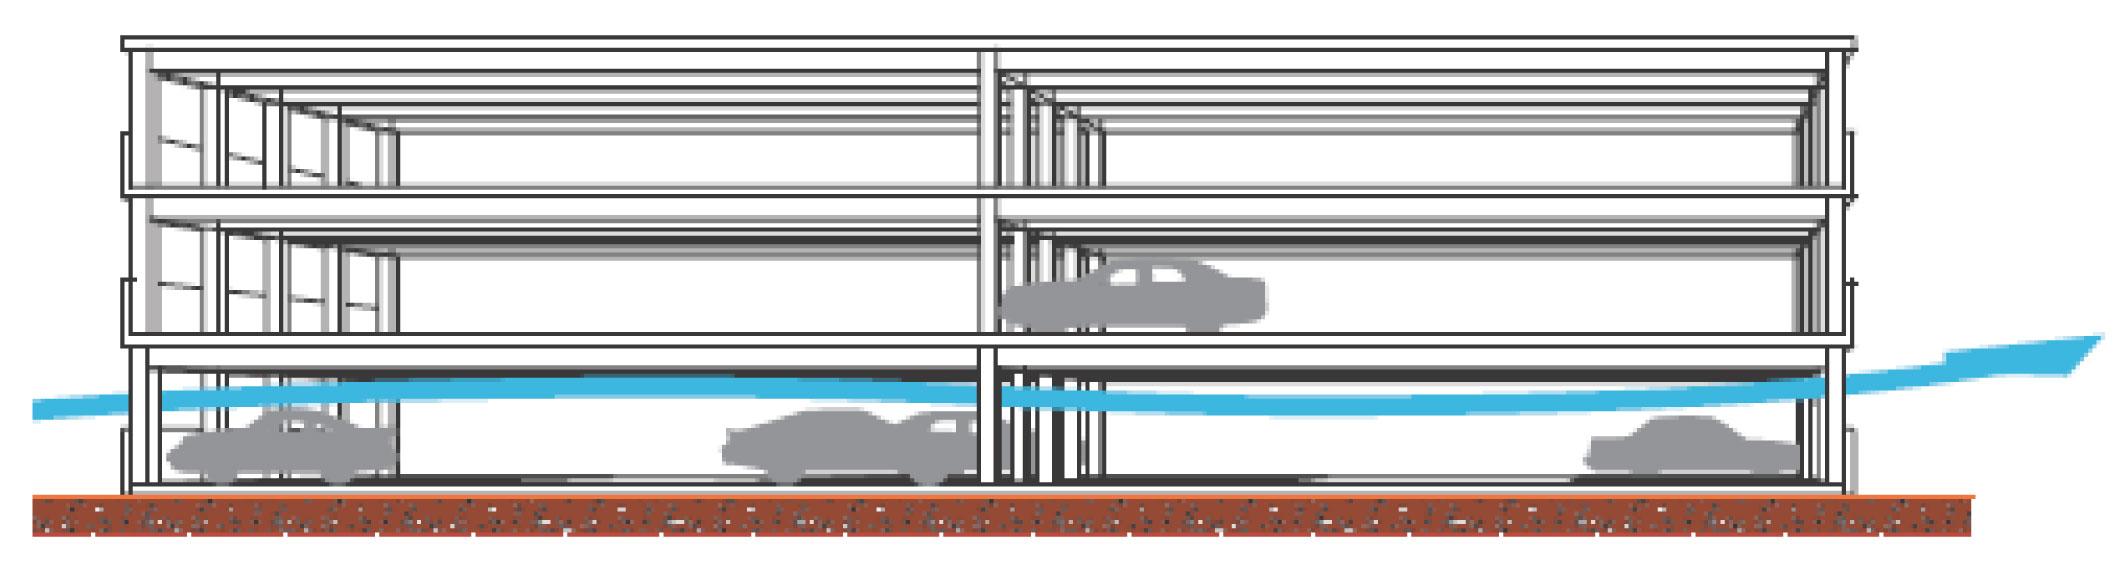 Evo-Park - Parcs de Stationnement en Superstructure Largement Ventilés